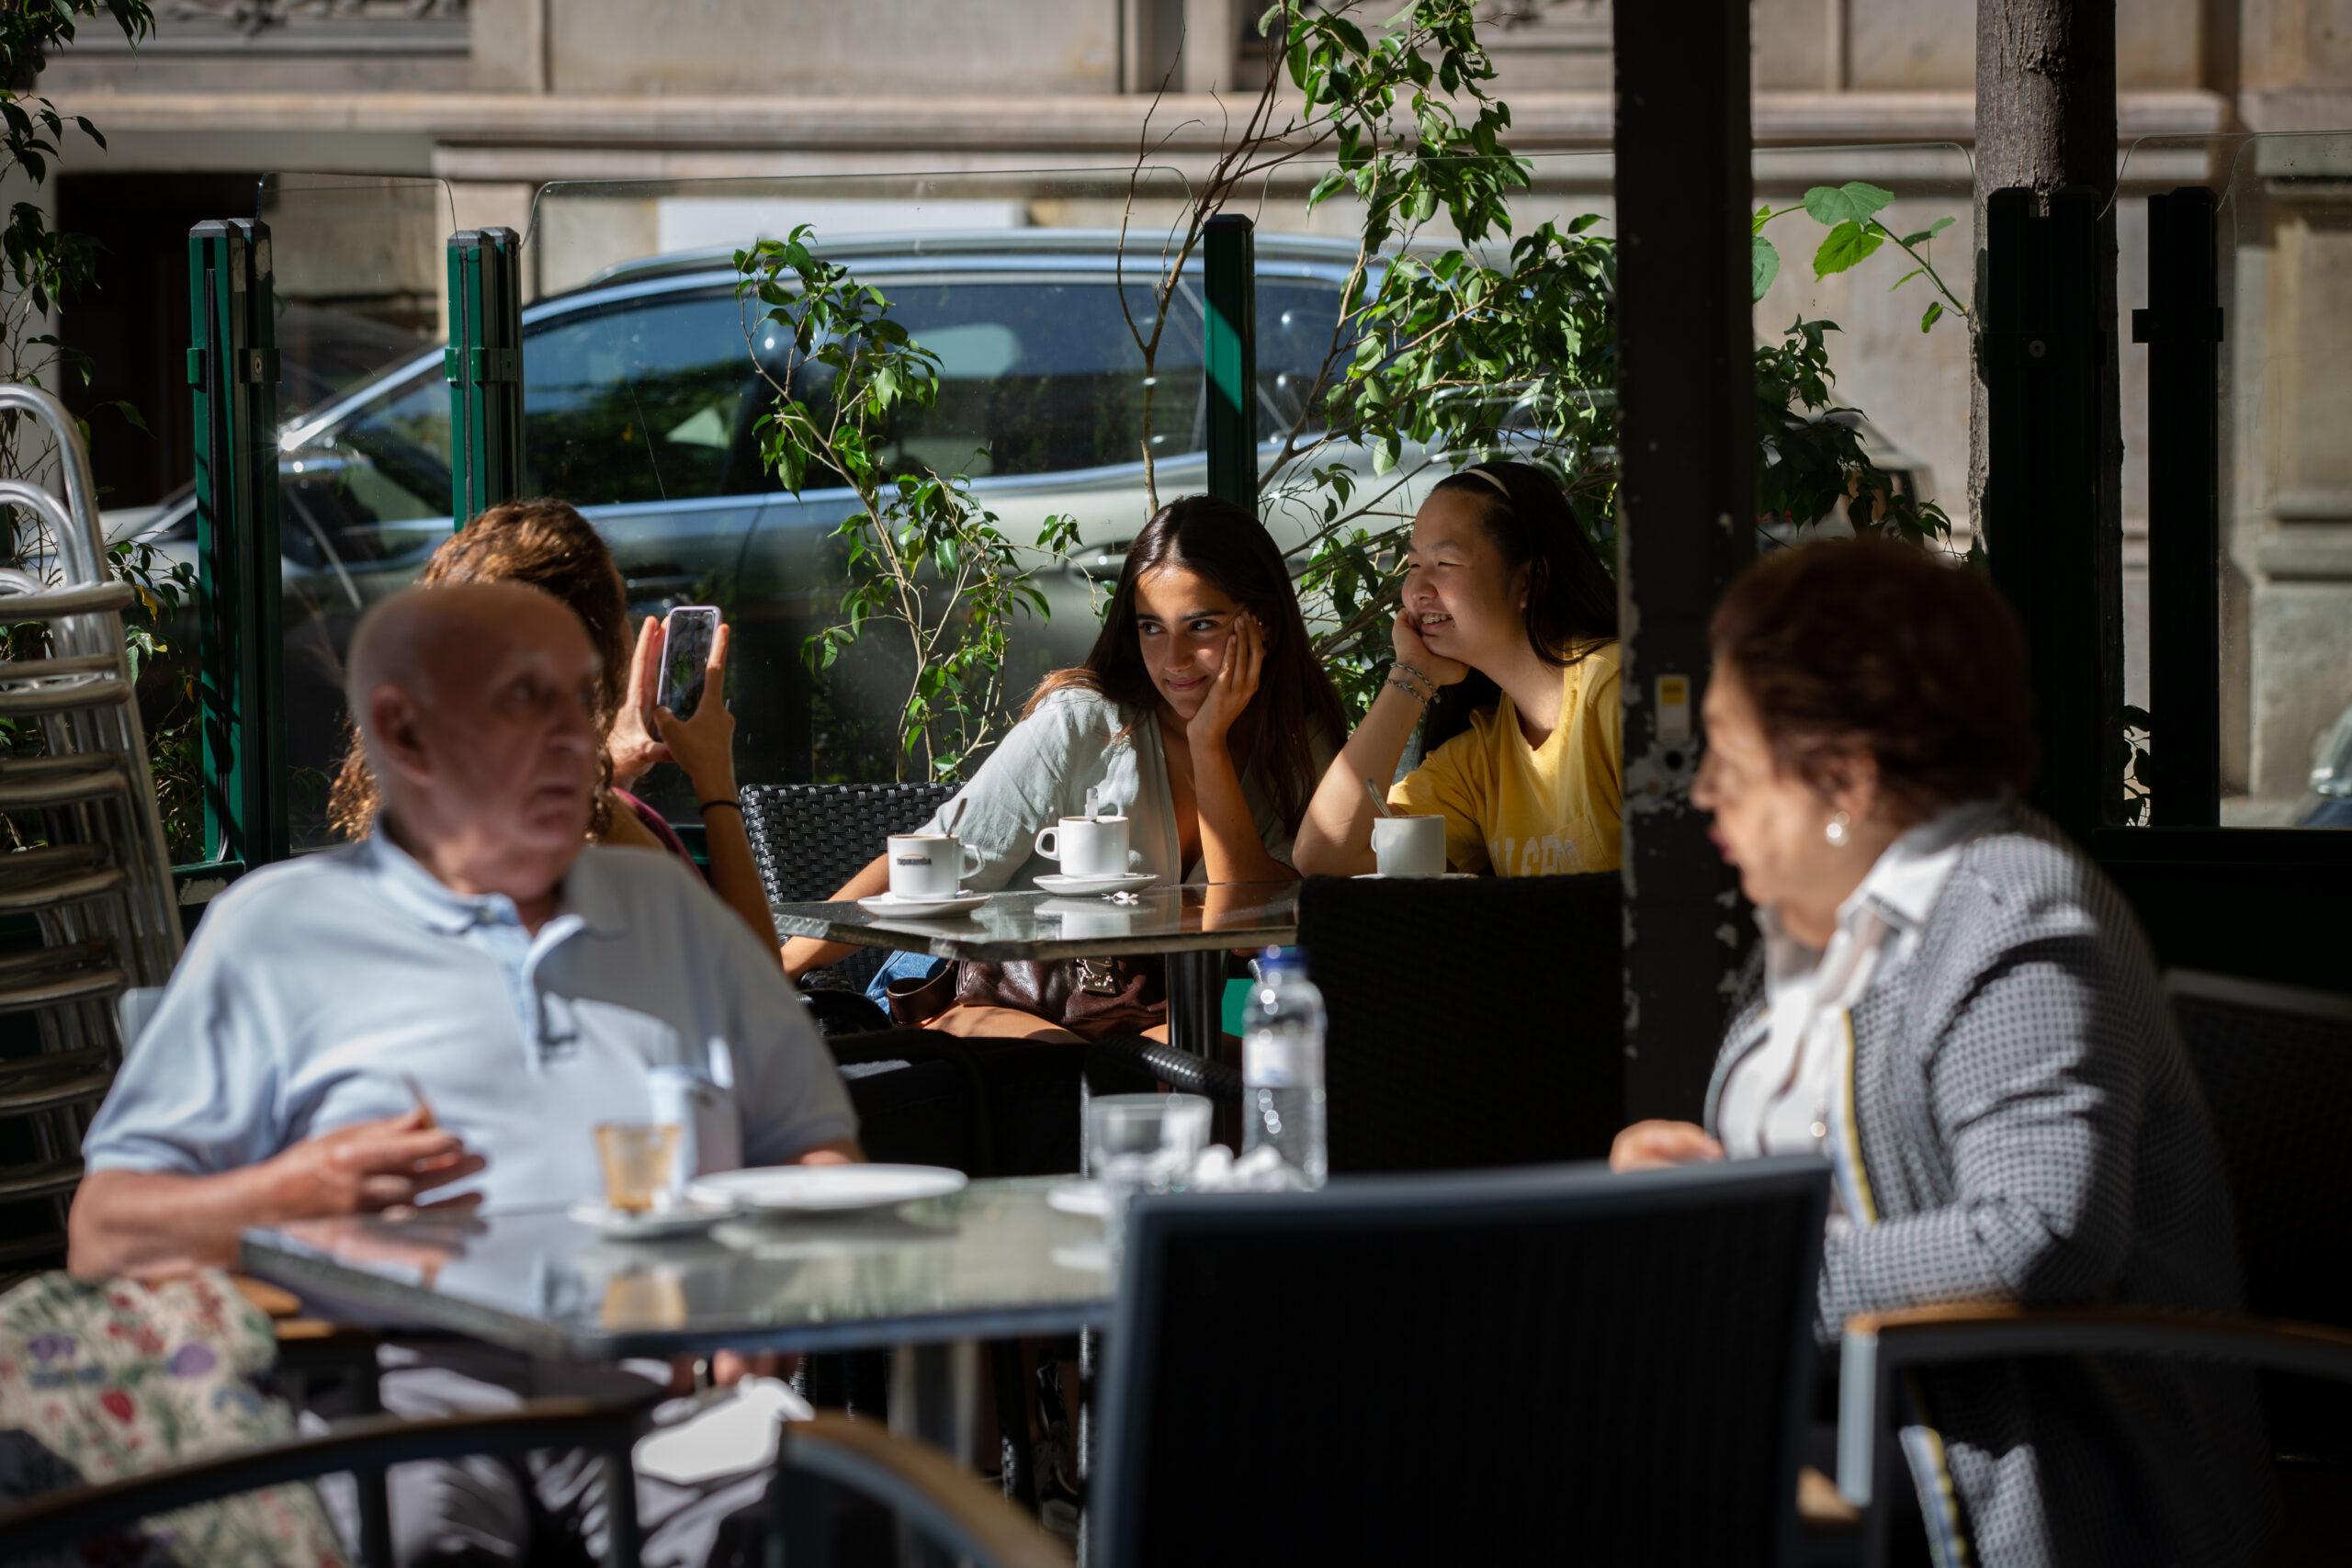 Dues persones prenen alguna cosa en una terrassa a Barcelona / Europa Press